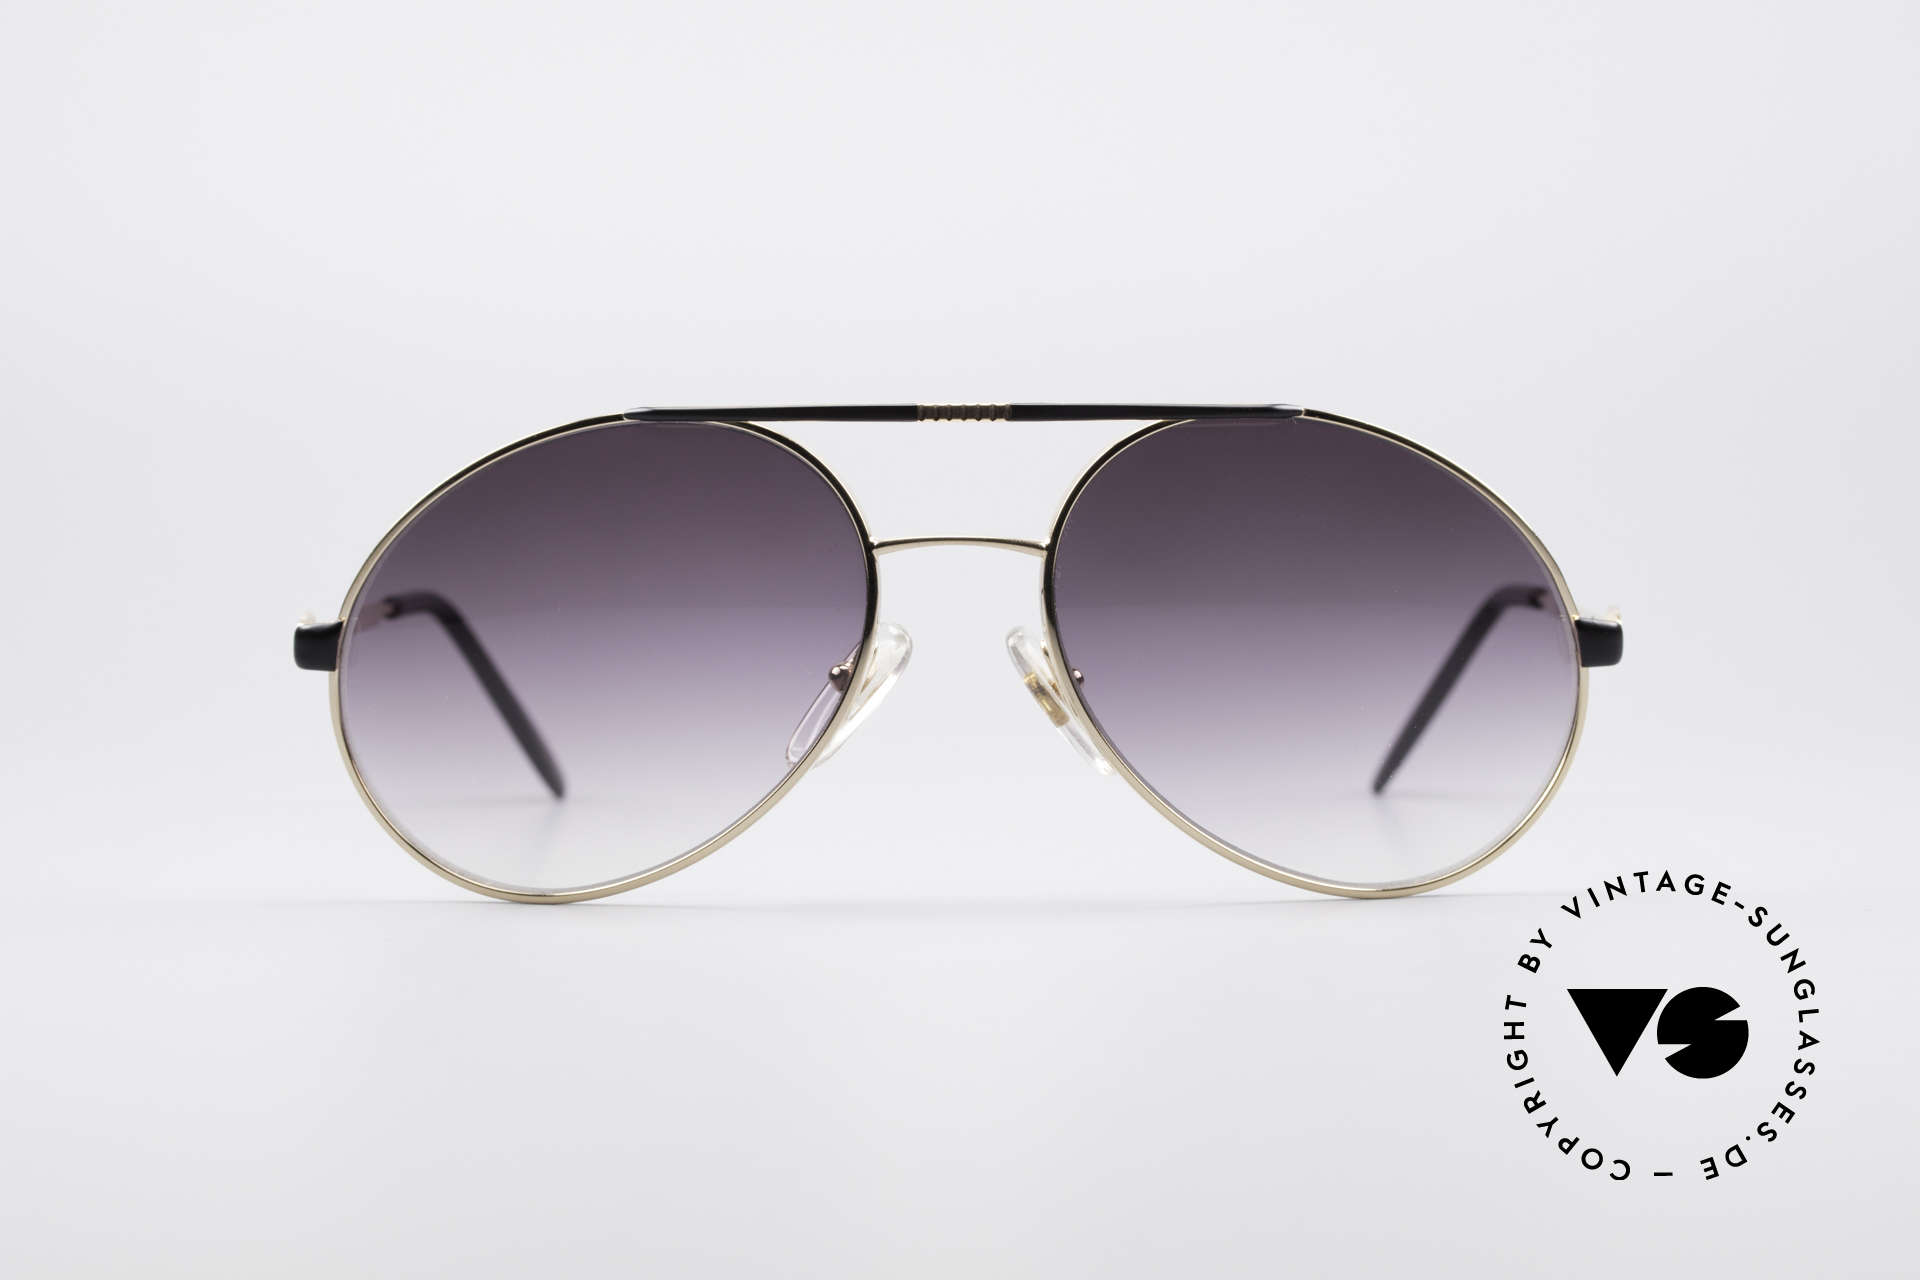 Bugatti 65837 80's Designer Sunglasses, a true classic by Bugatti (made around 1984 in France), Made for Men